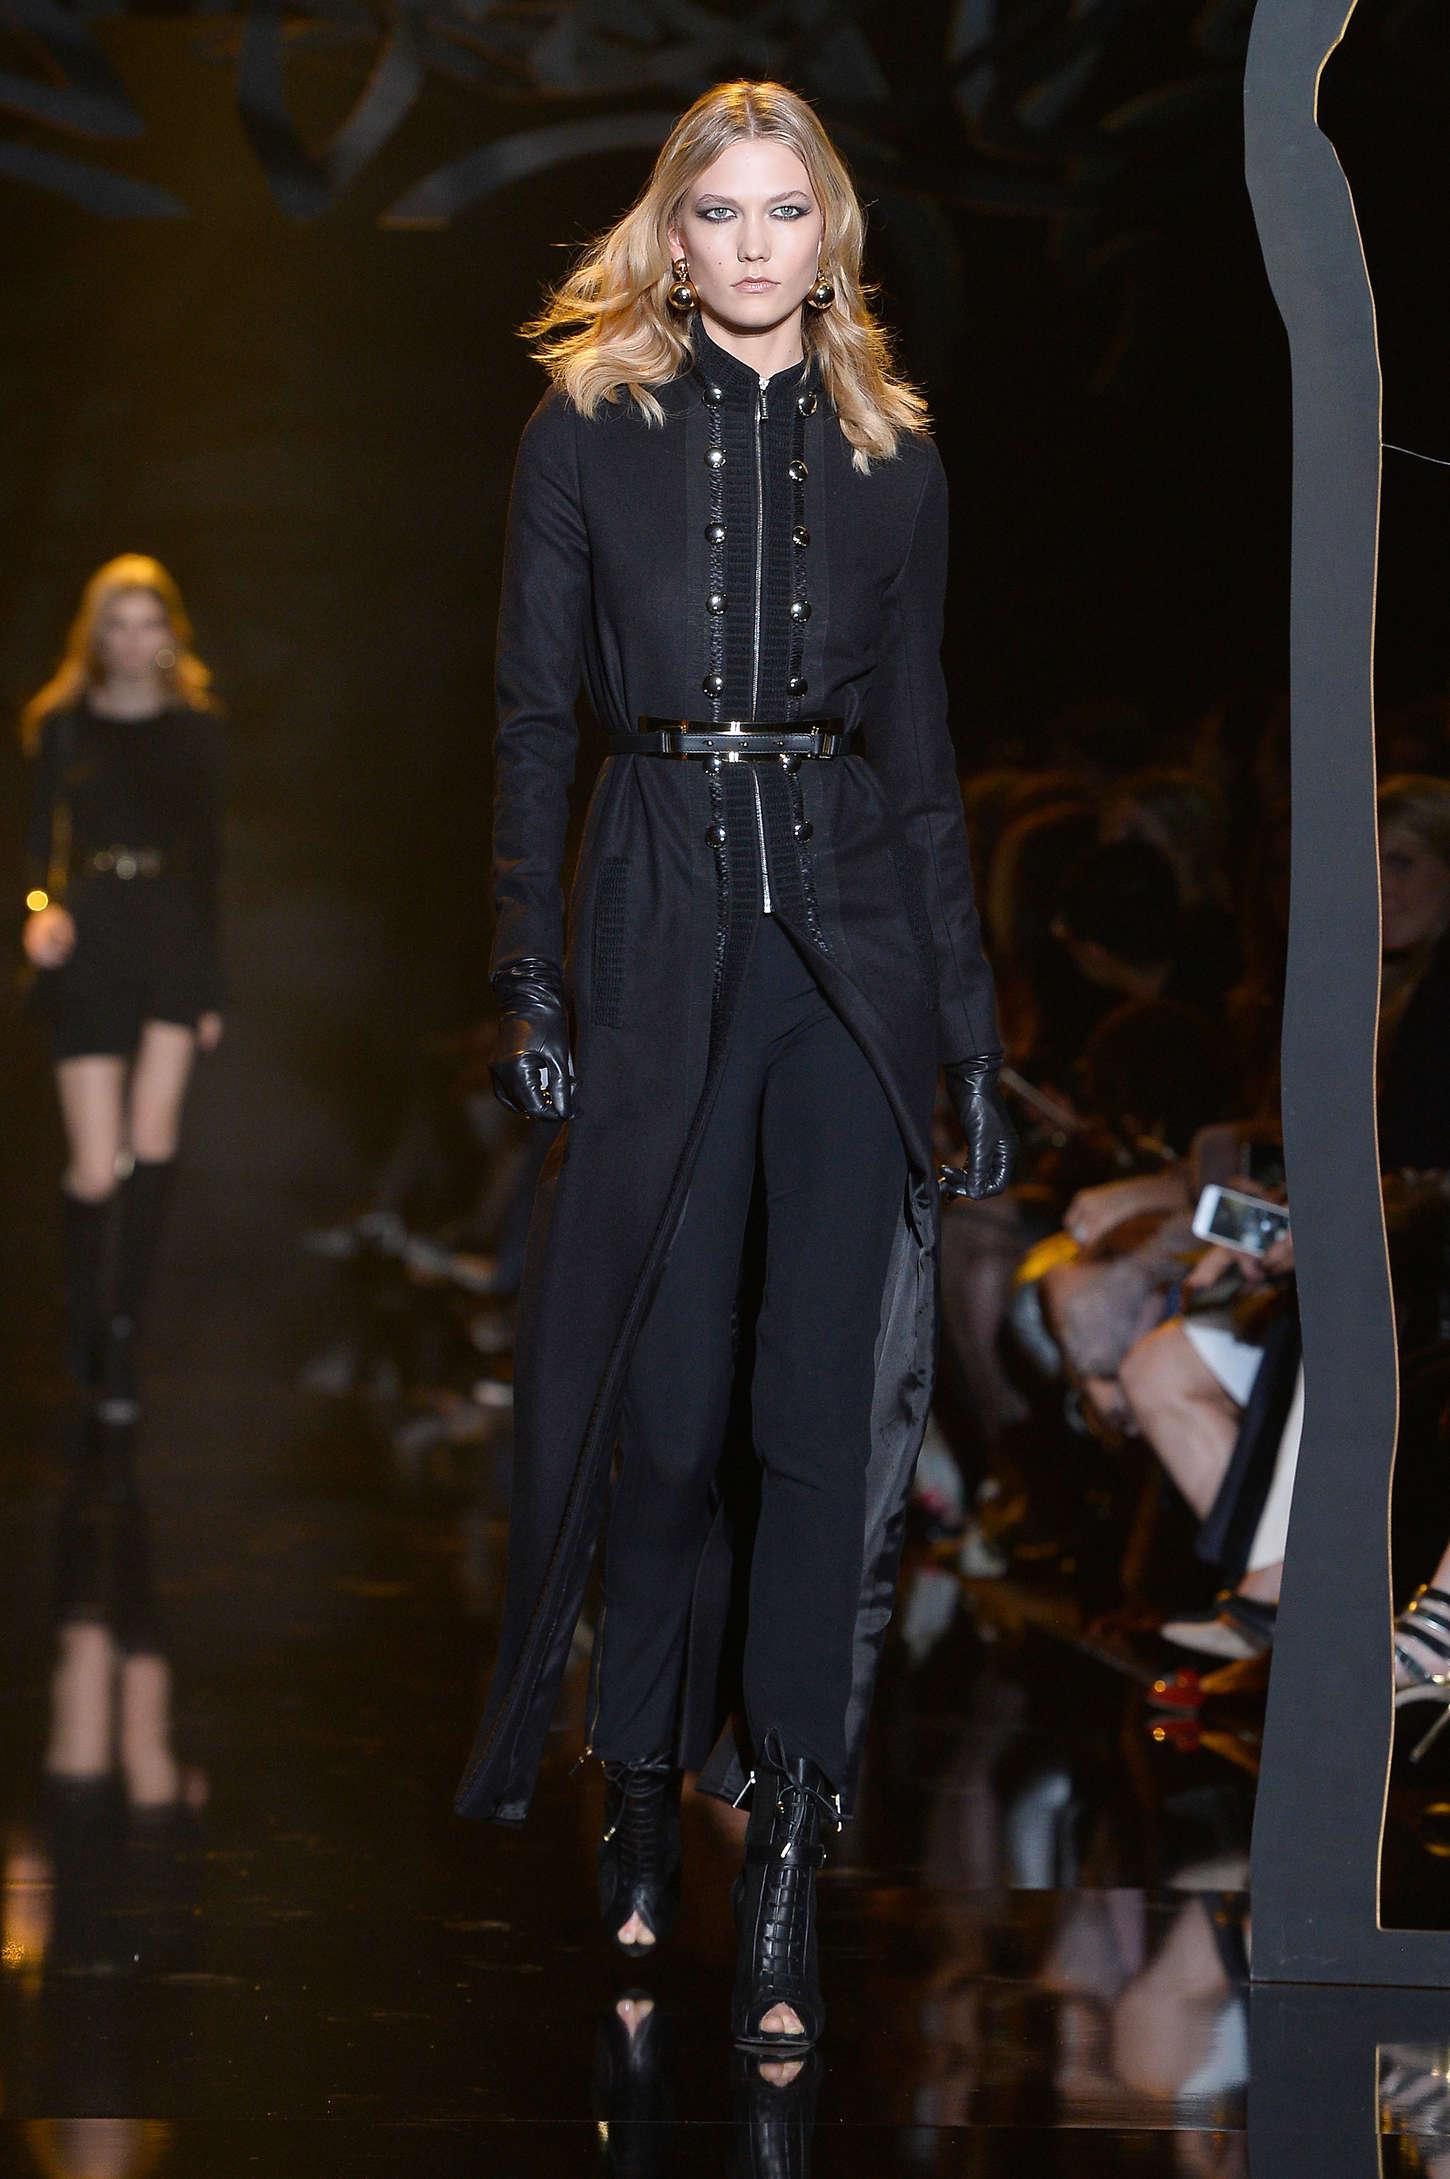 Elie Saab Spring 2012 Ready-to-Wear Fashion Show